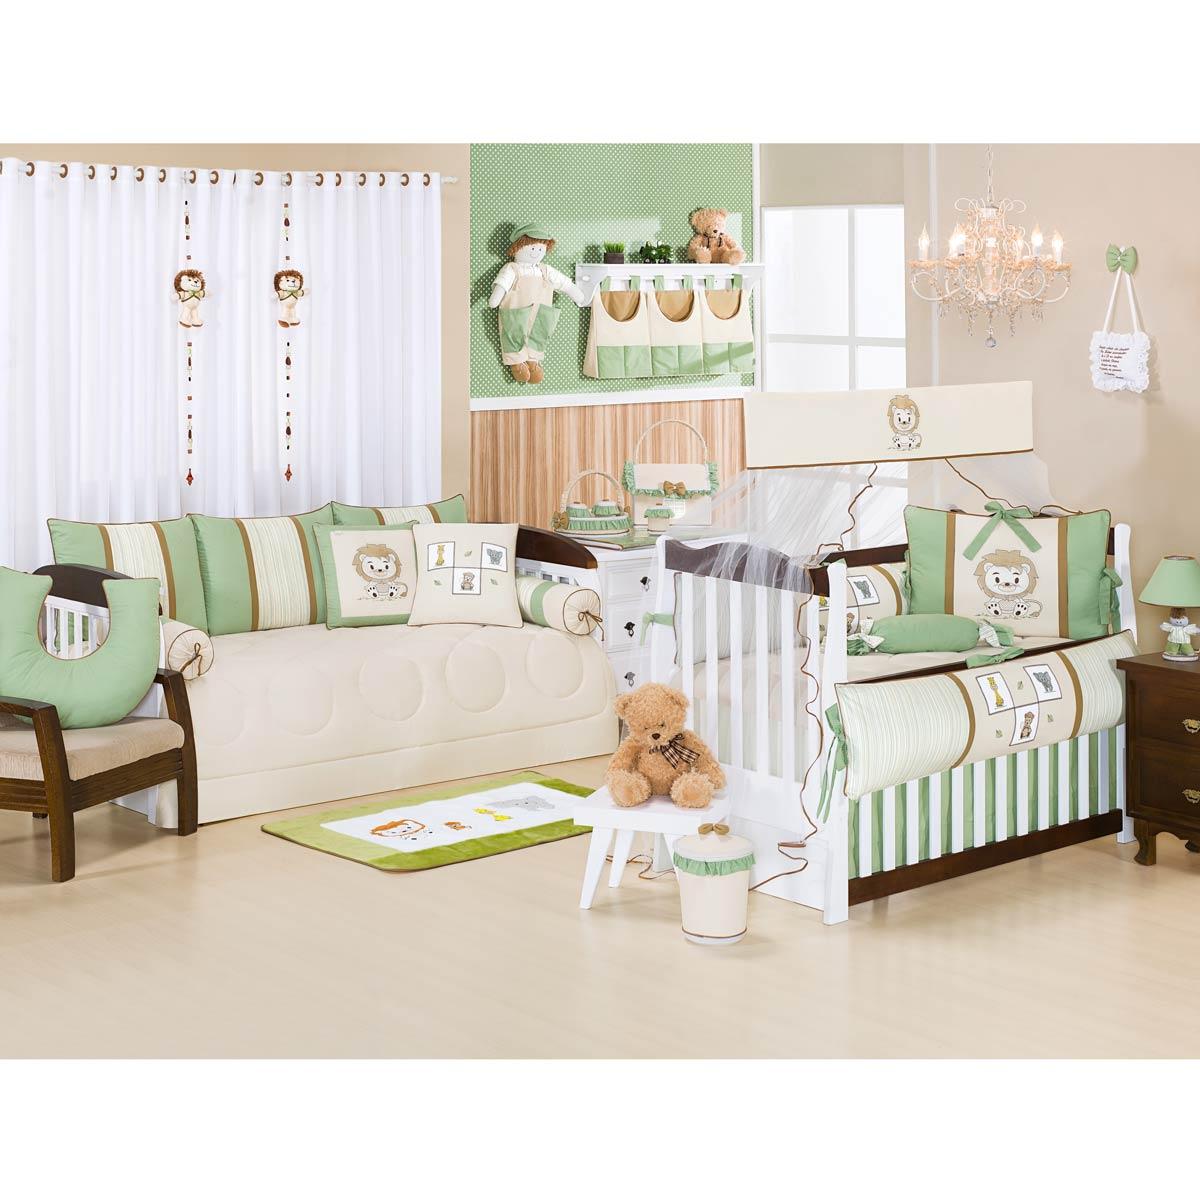 Farmacinha Enfeitada p/ Quarto de Bebê - Coleção Leãozinho Baby